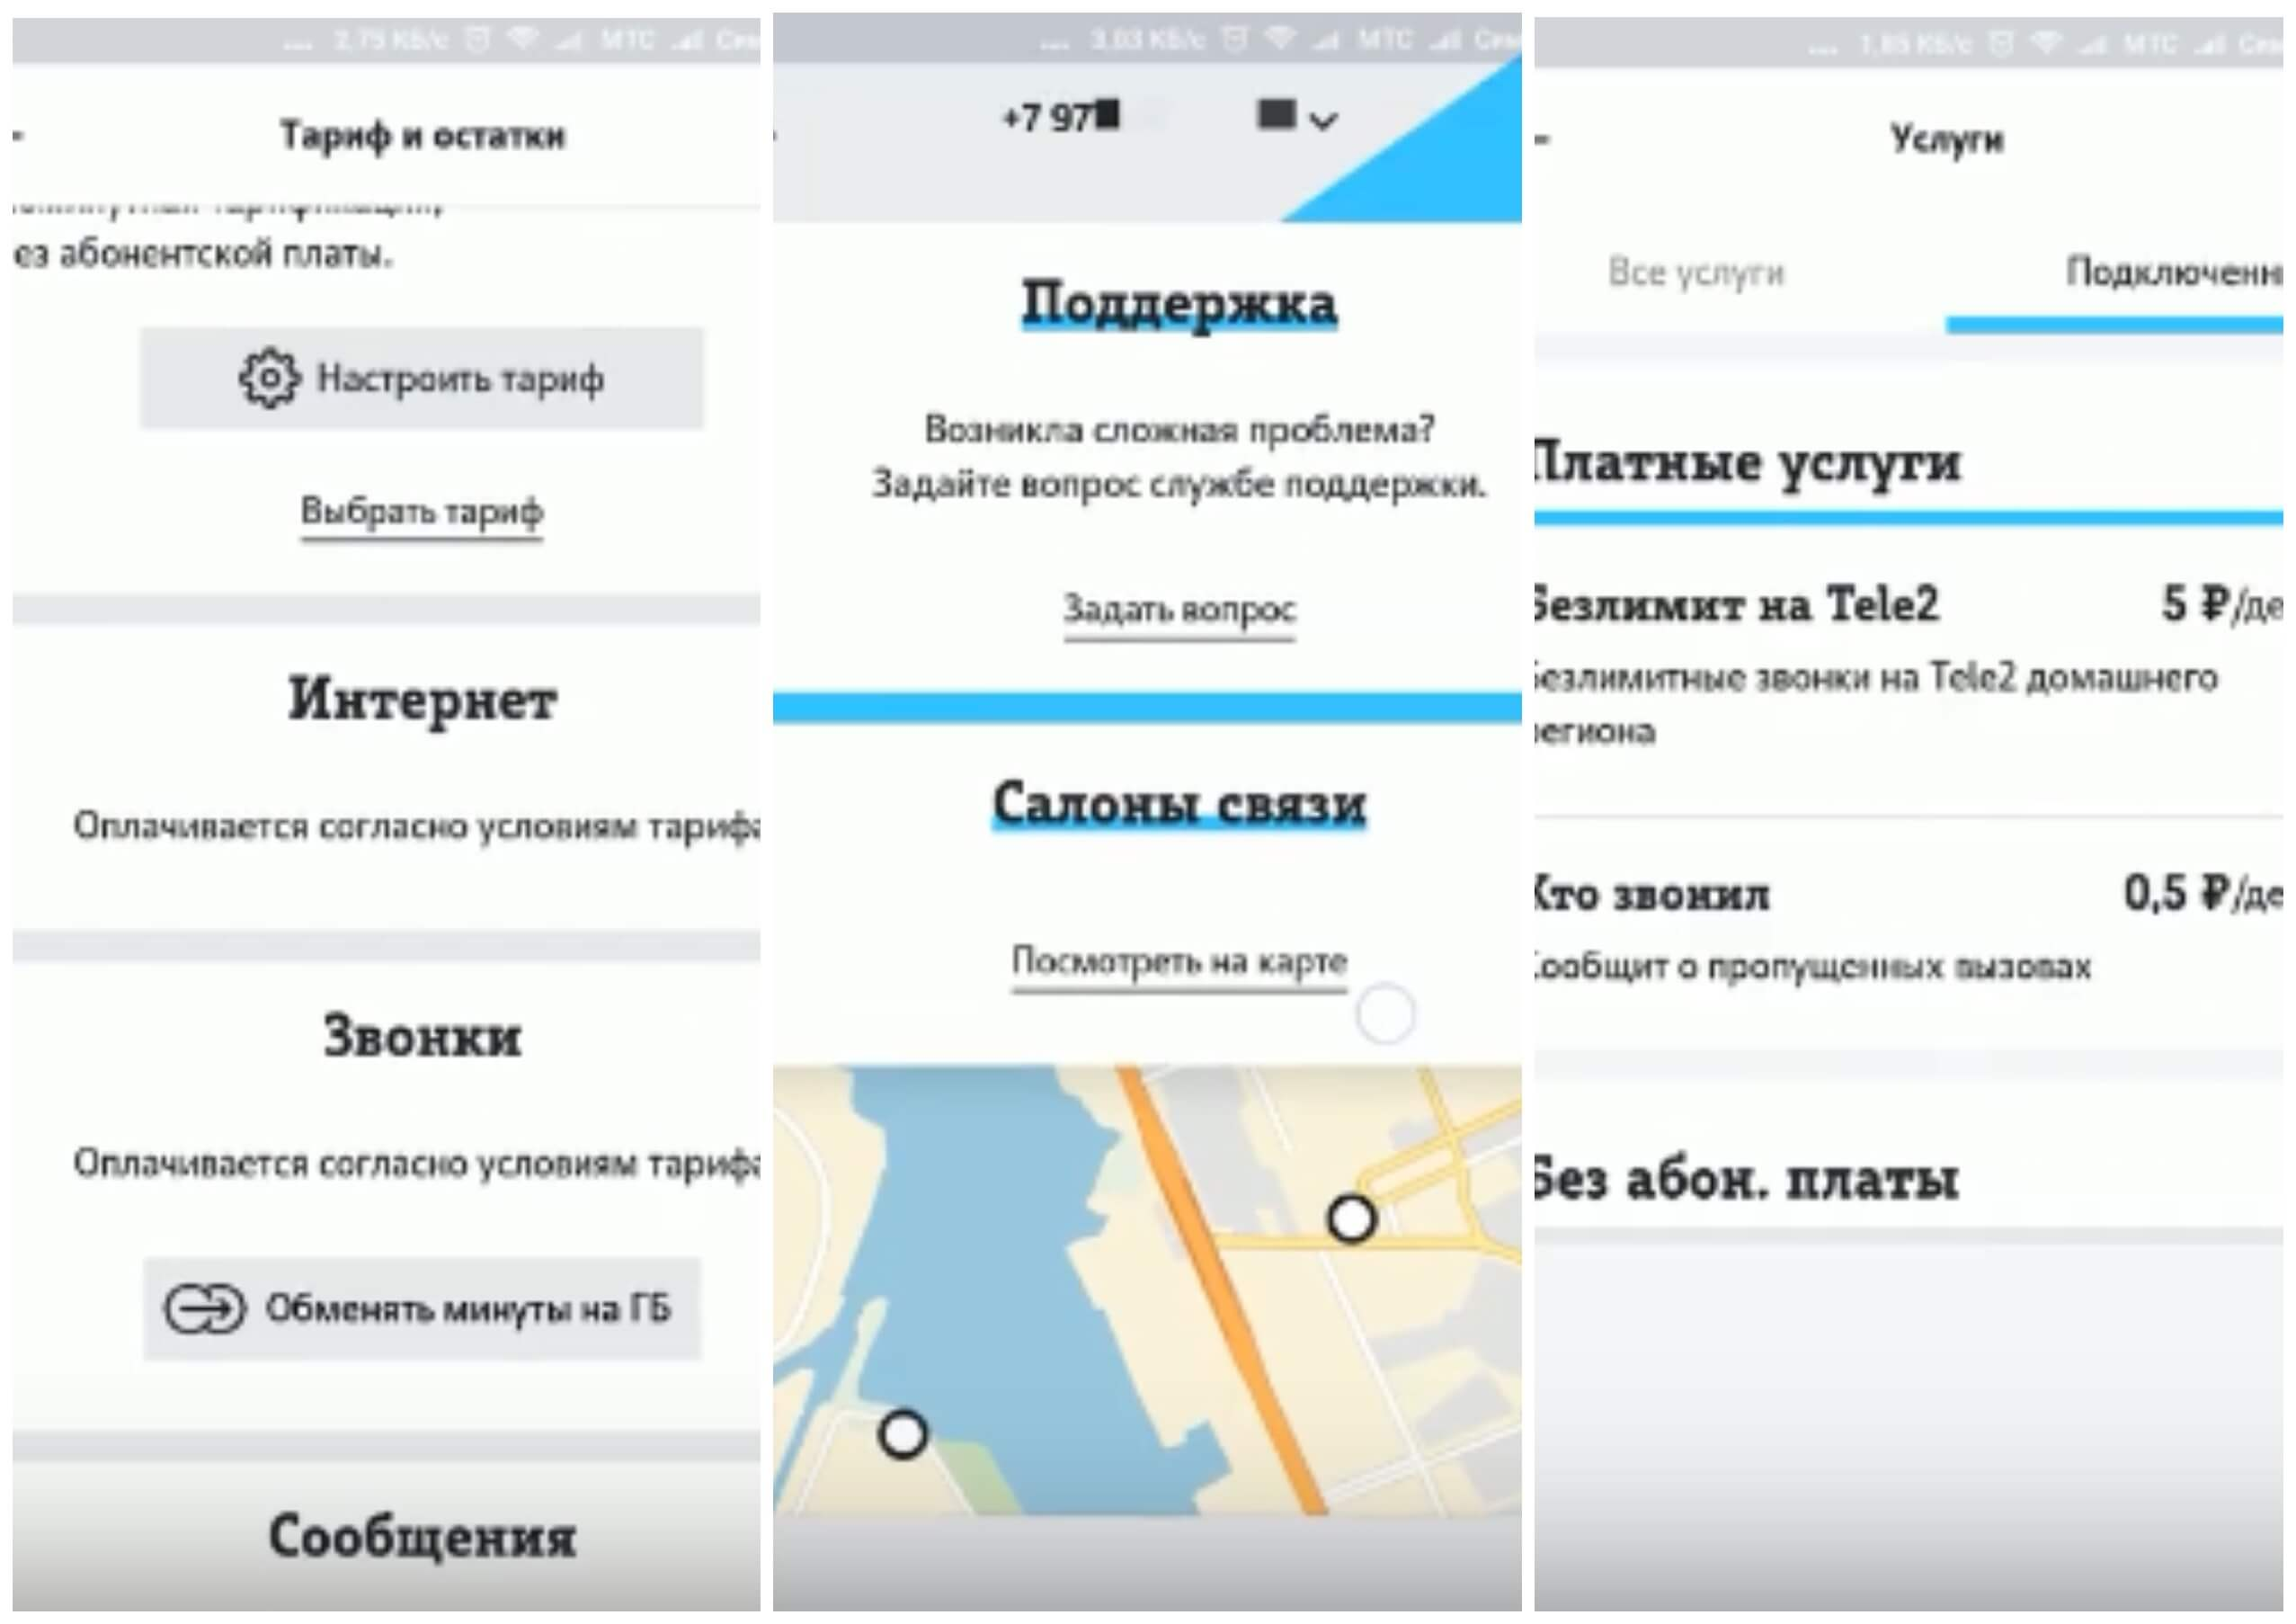 На фото изображено мобильное приложение сотовой связи Мой Tele2.